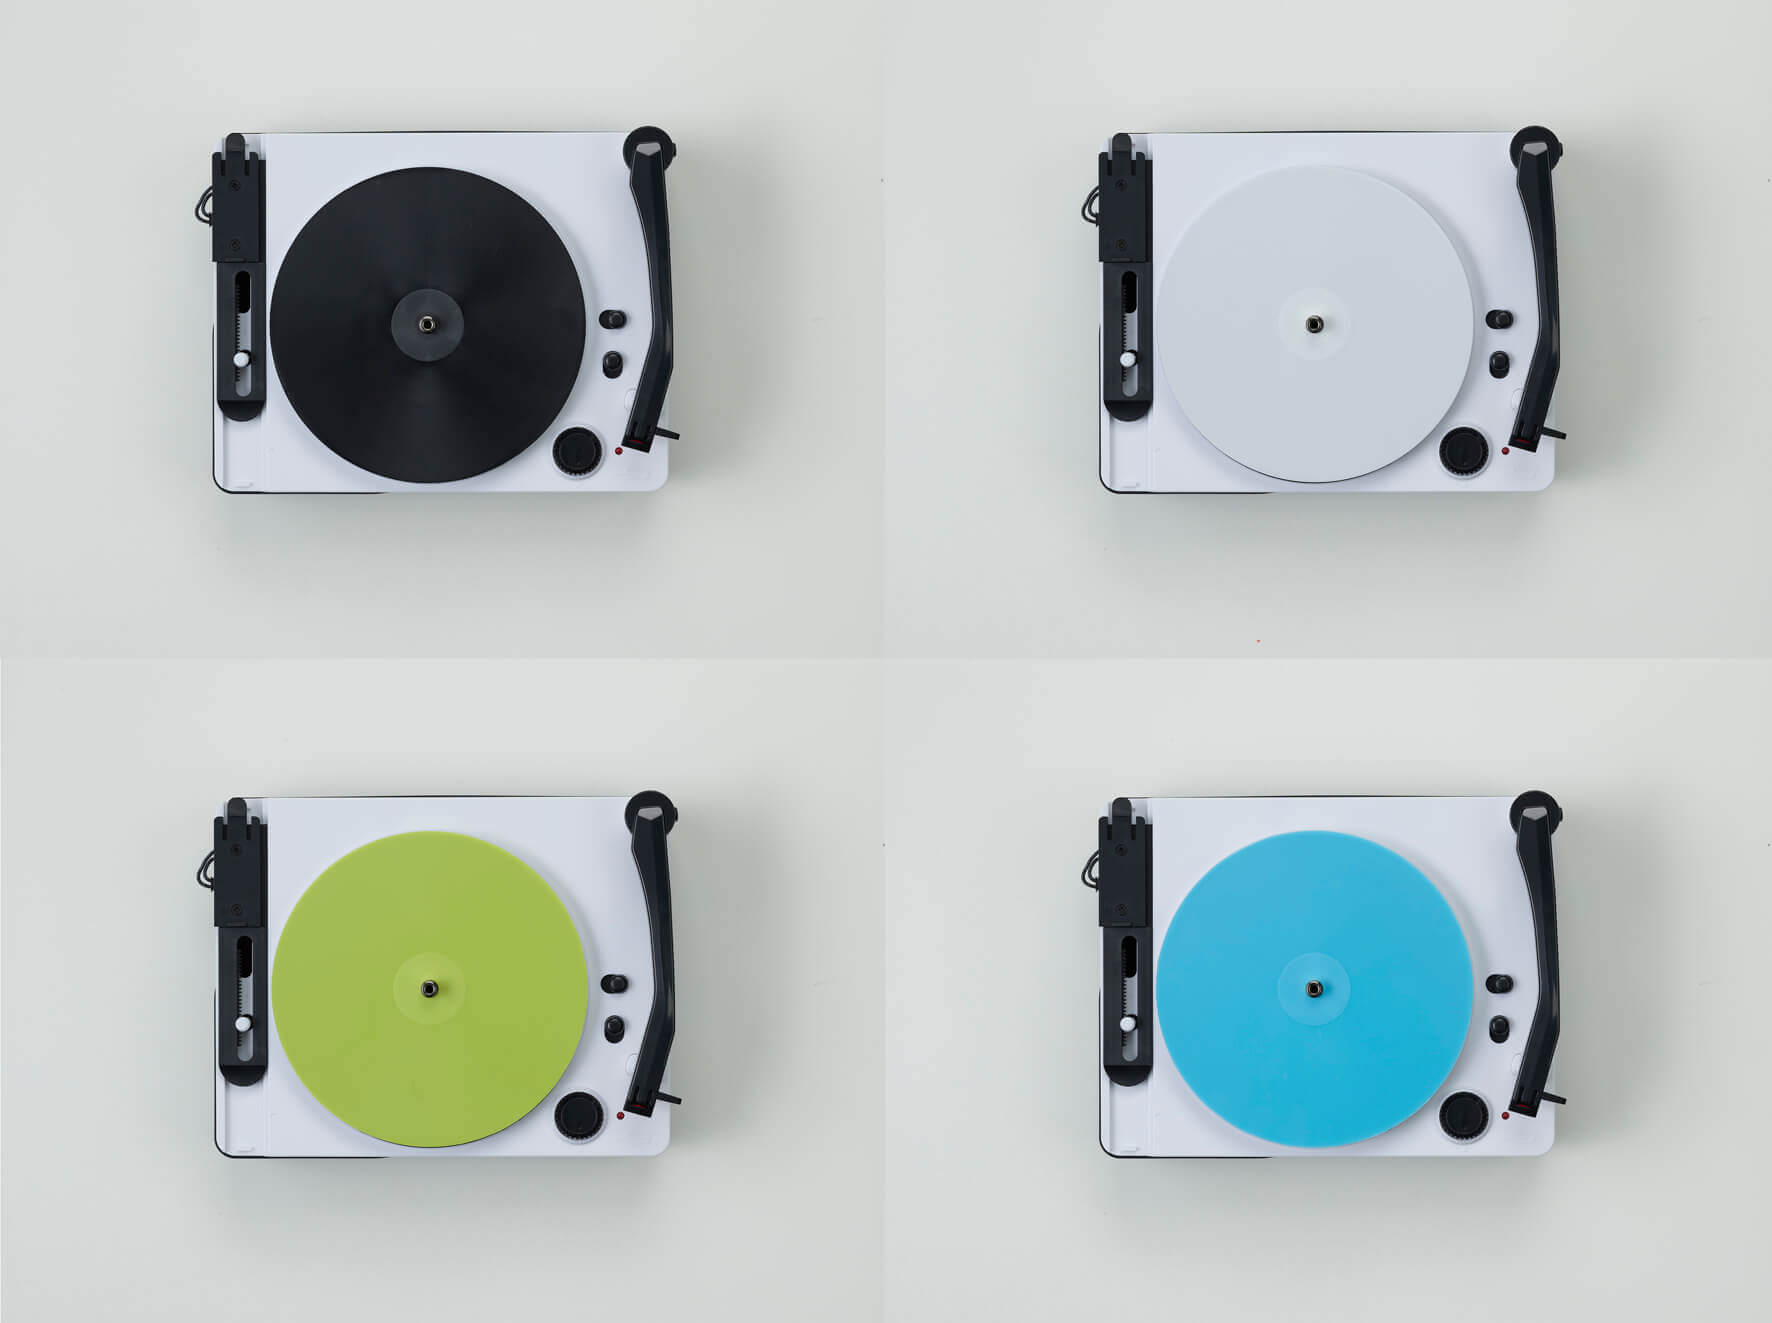 通常版は黒・白のレコードが各5枚。Amazon限定版は黒・白に加えて、黄緑・水色のレコードが各5枚入ります。